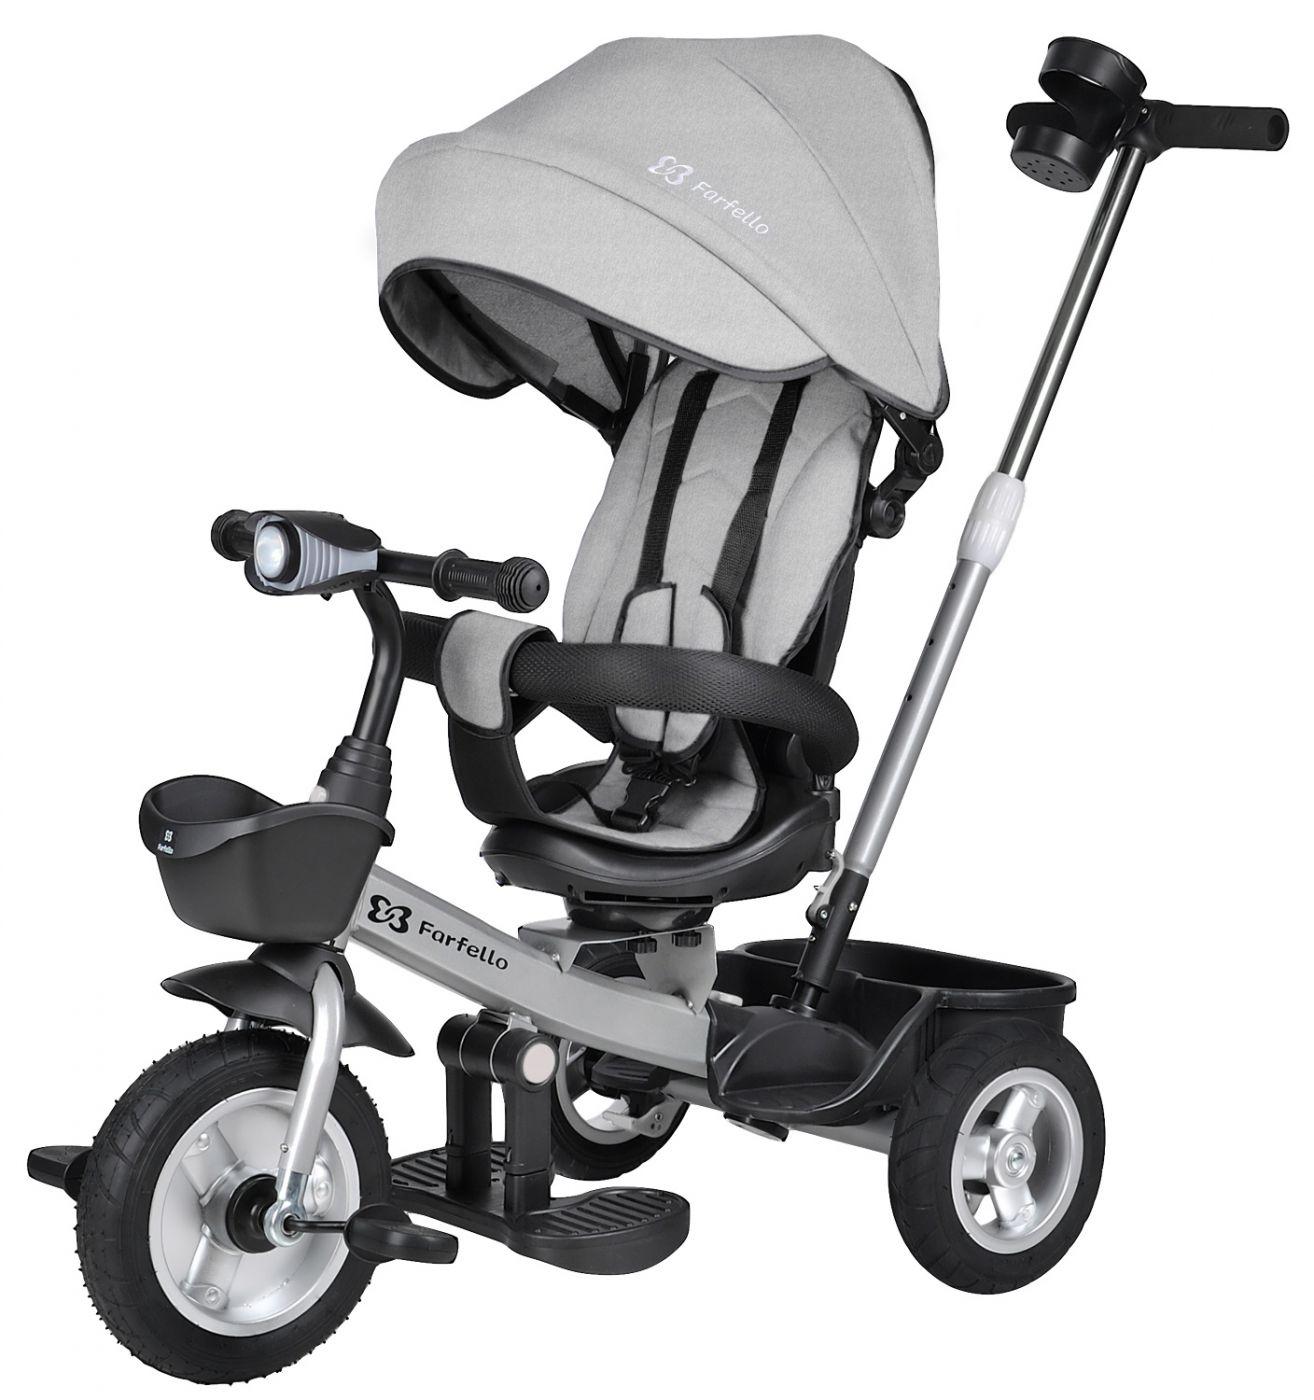 Детский трехколесный велосипед с родительской ручкой, серый / grey